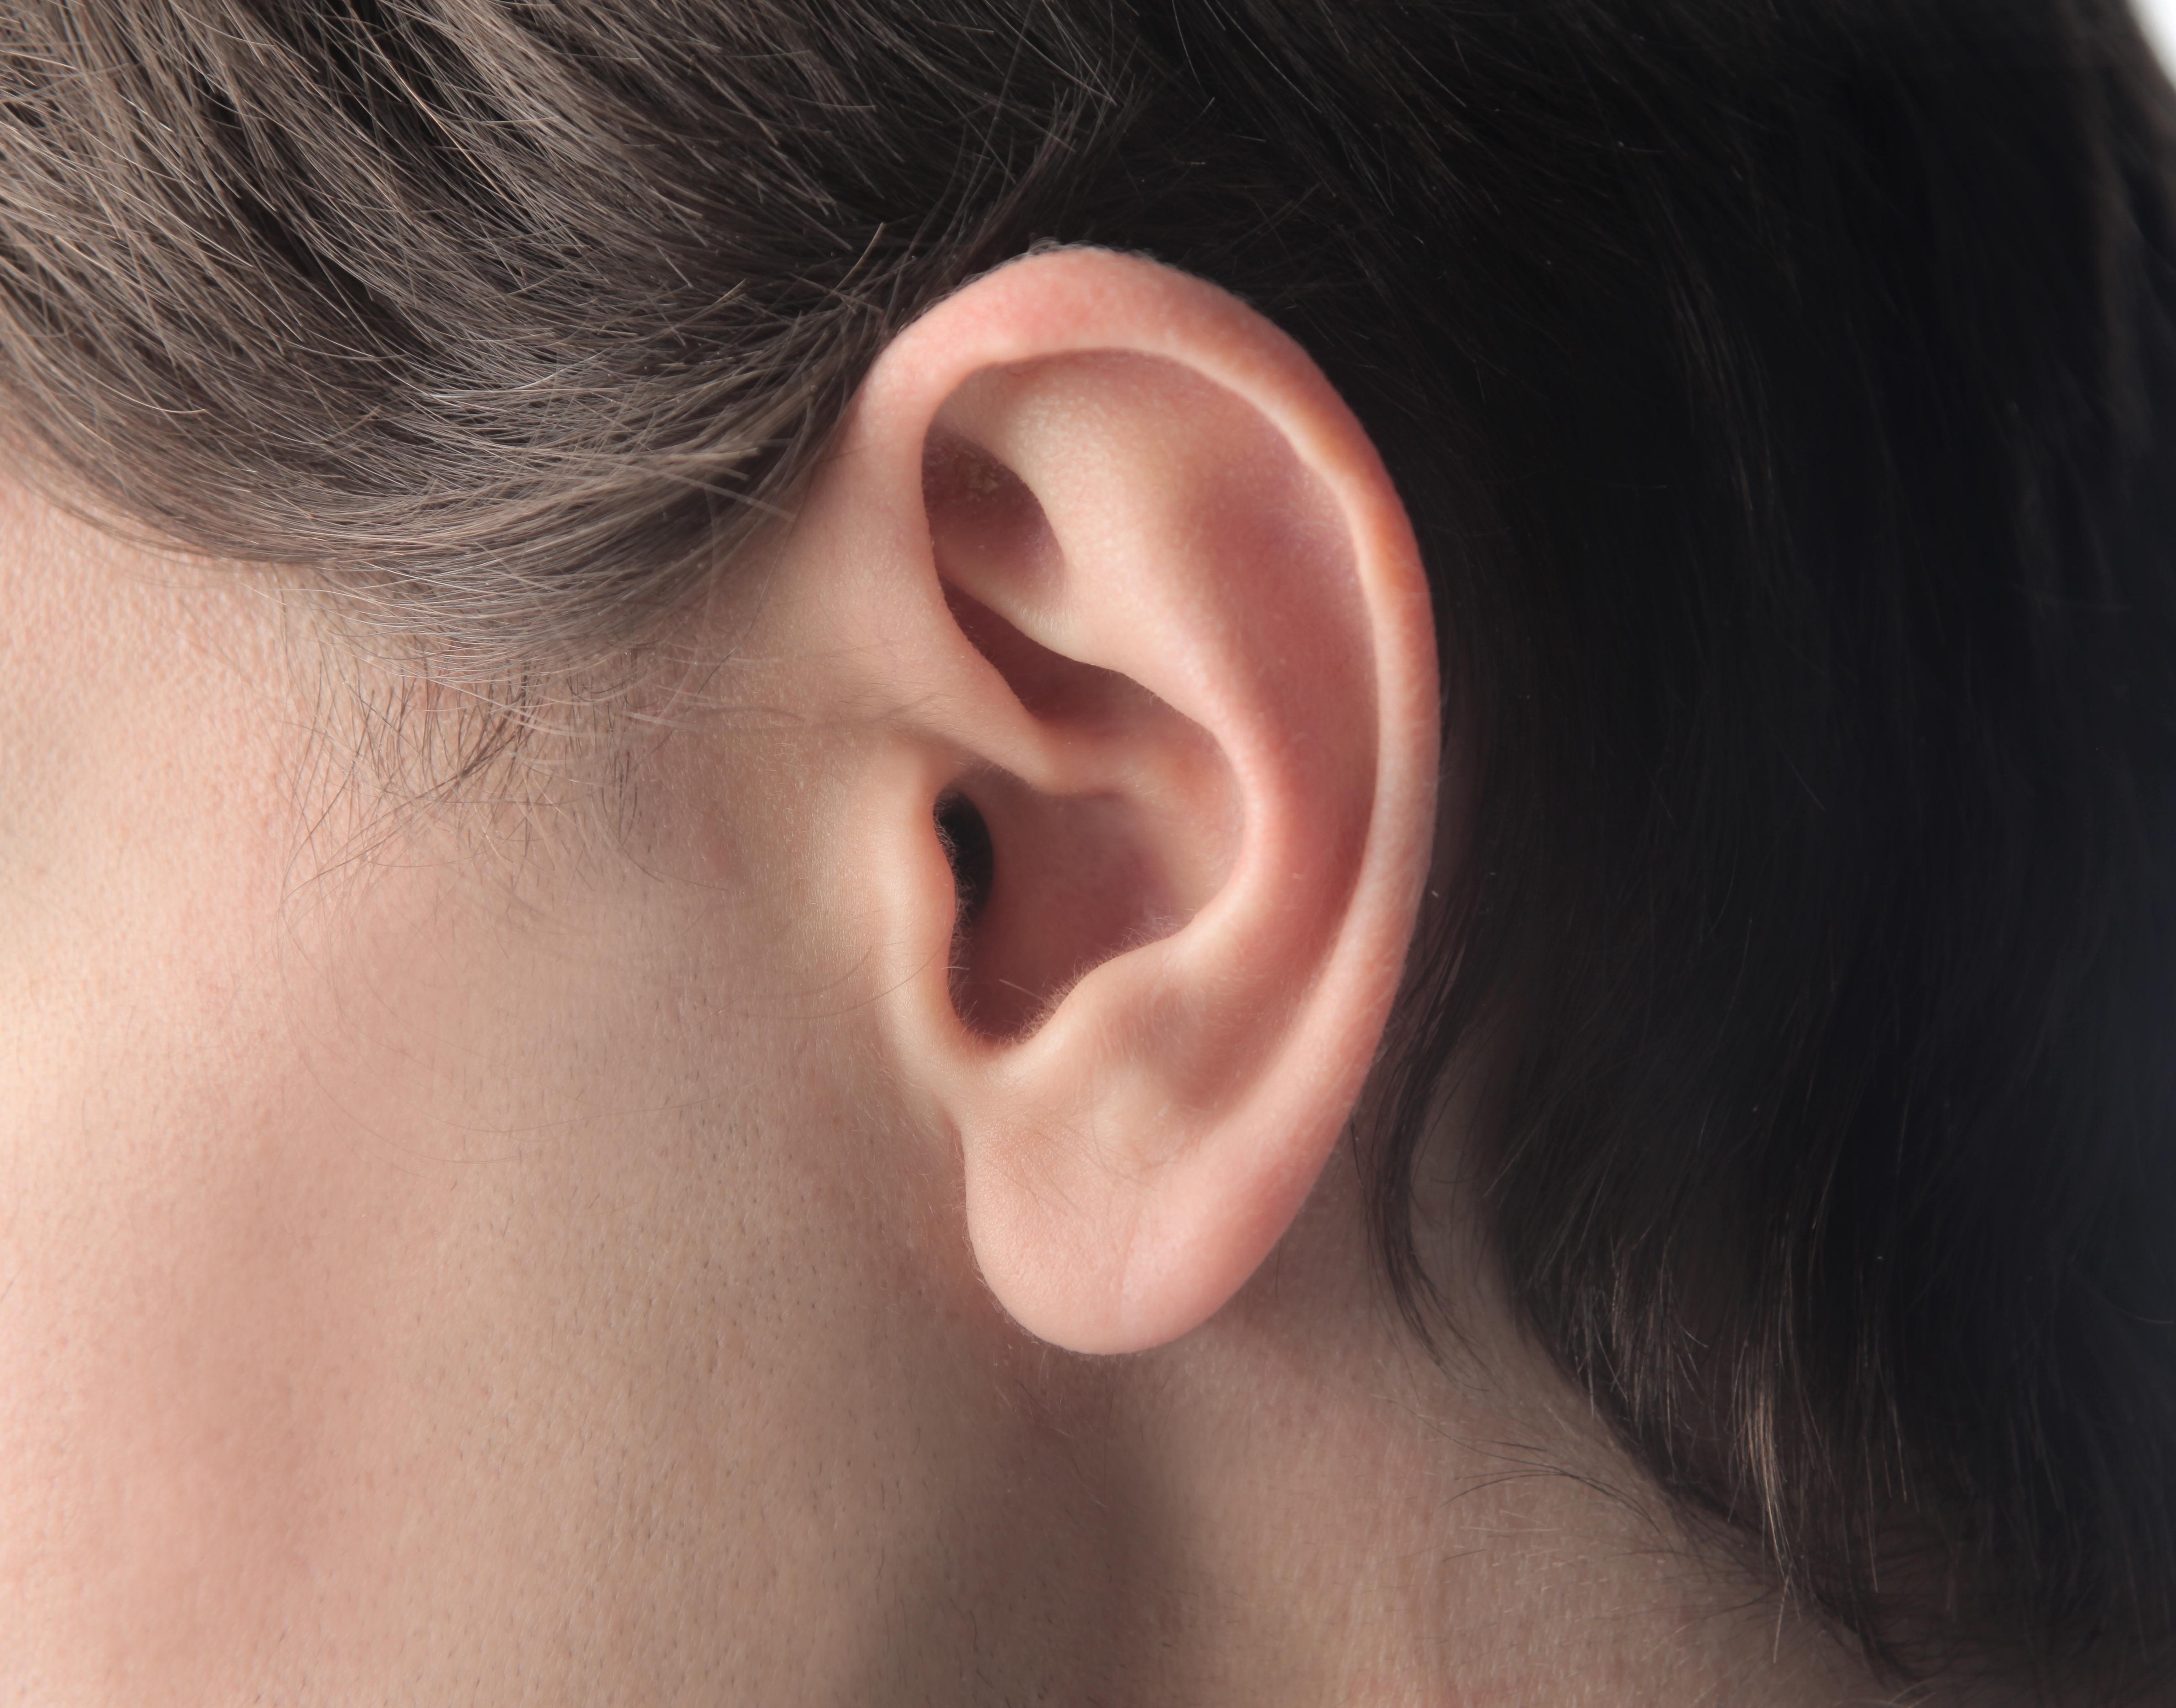 ont i ett öra